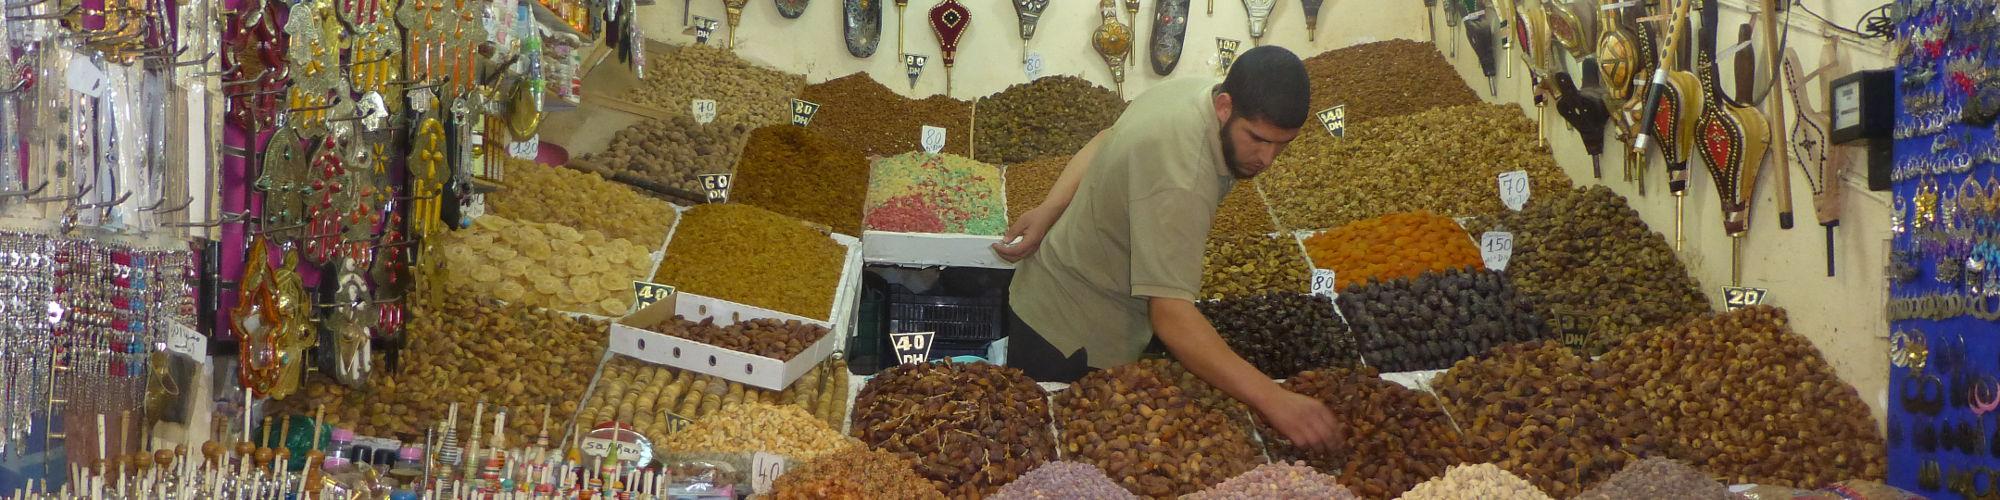 moroccan_market